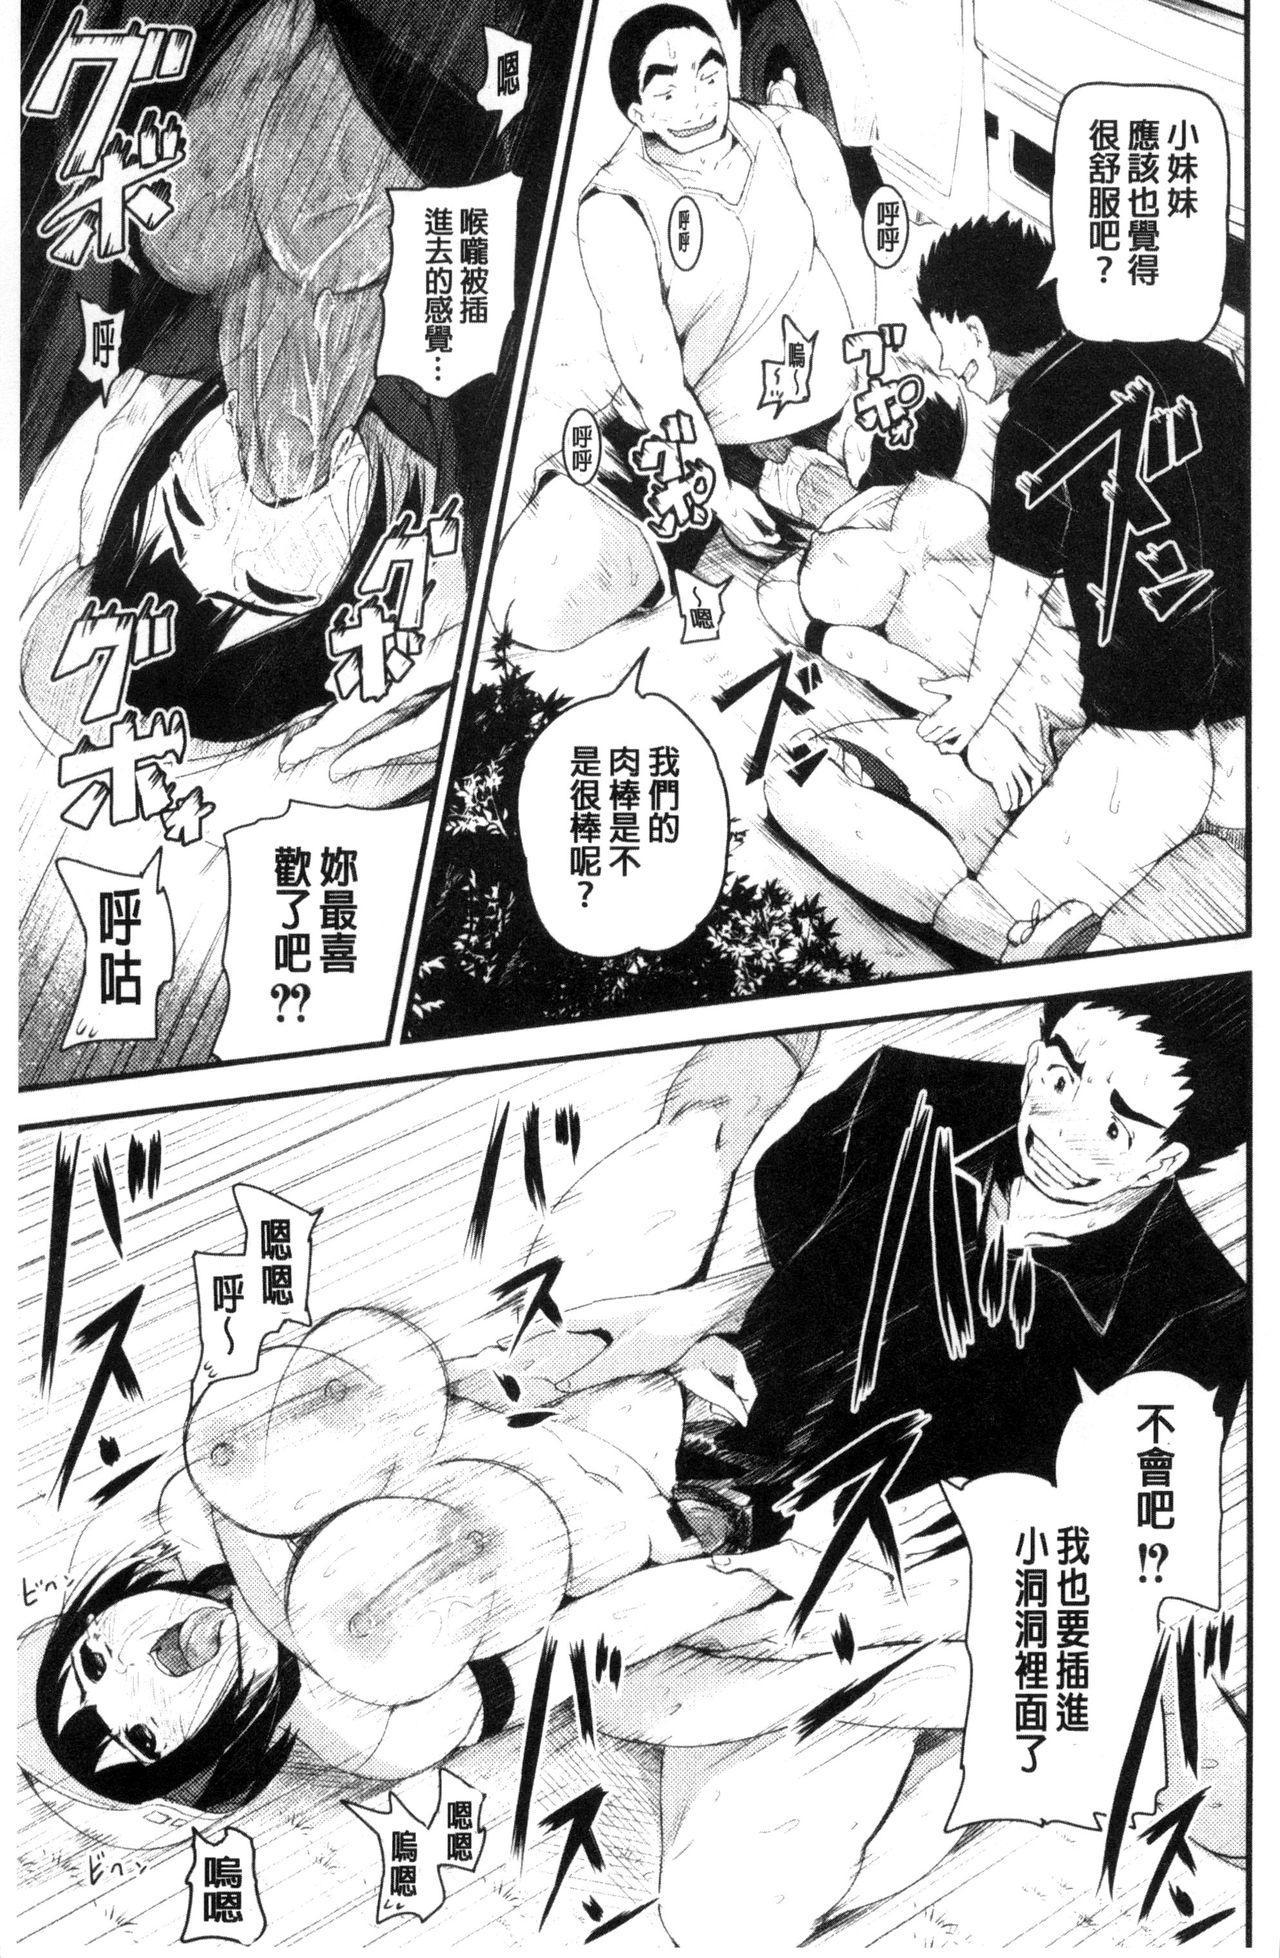 R18 Hatsuiku Shoujo 20